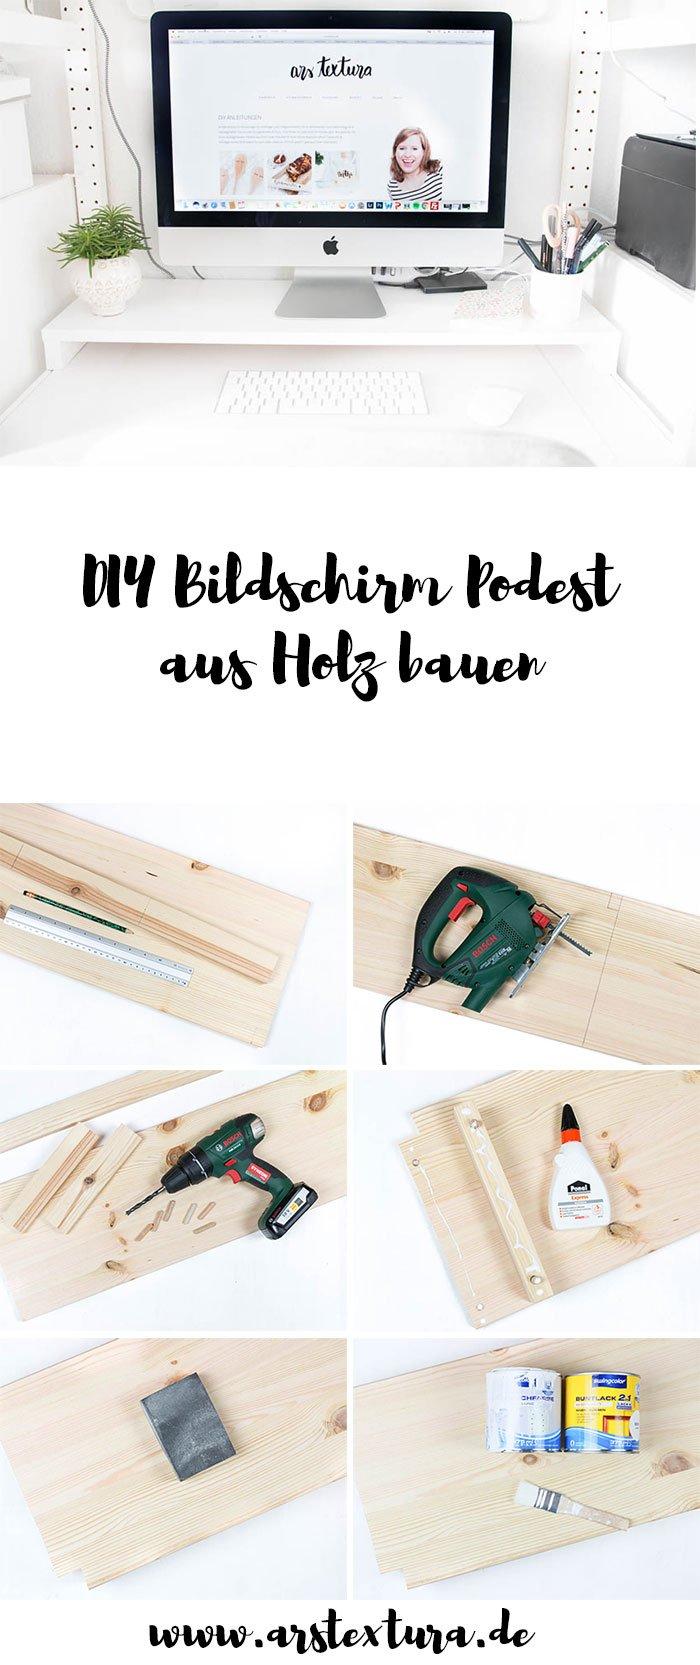 DIY Bildschirm Podest aus Holz bauen | einfaches Holzprojekt